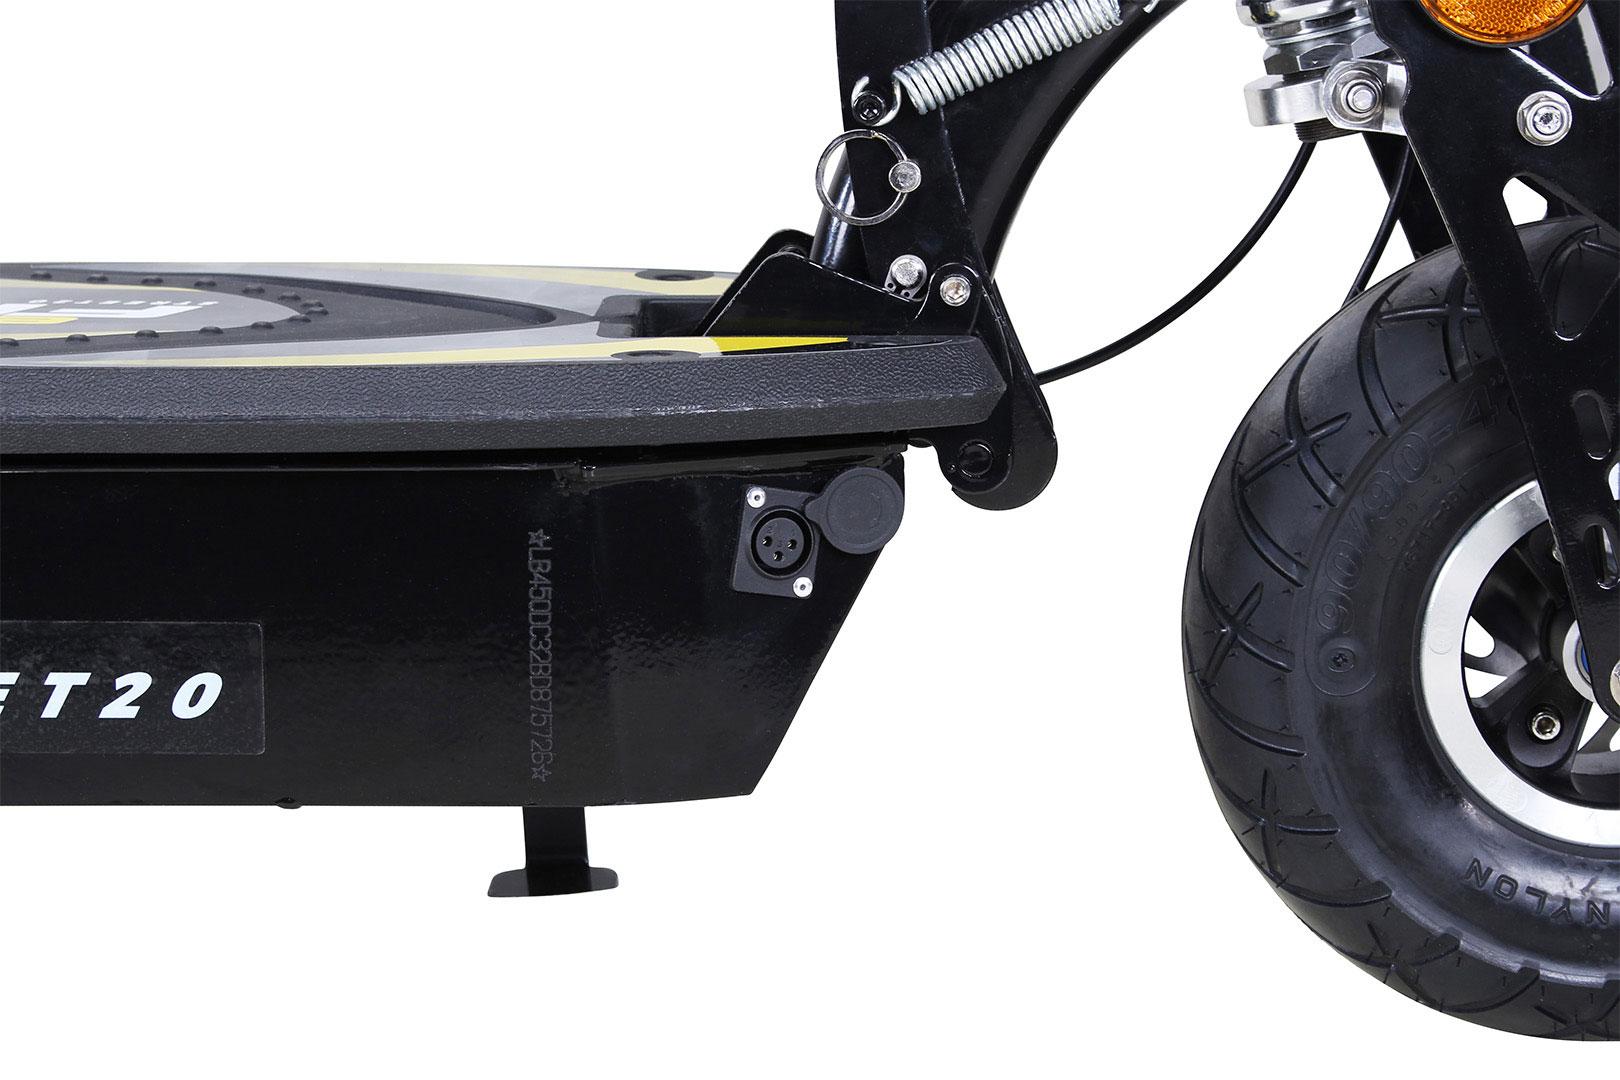 Elektroroller S20 schwarz mit Zulassung / E-Roller mit Sitz Bild 13